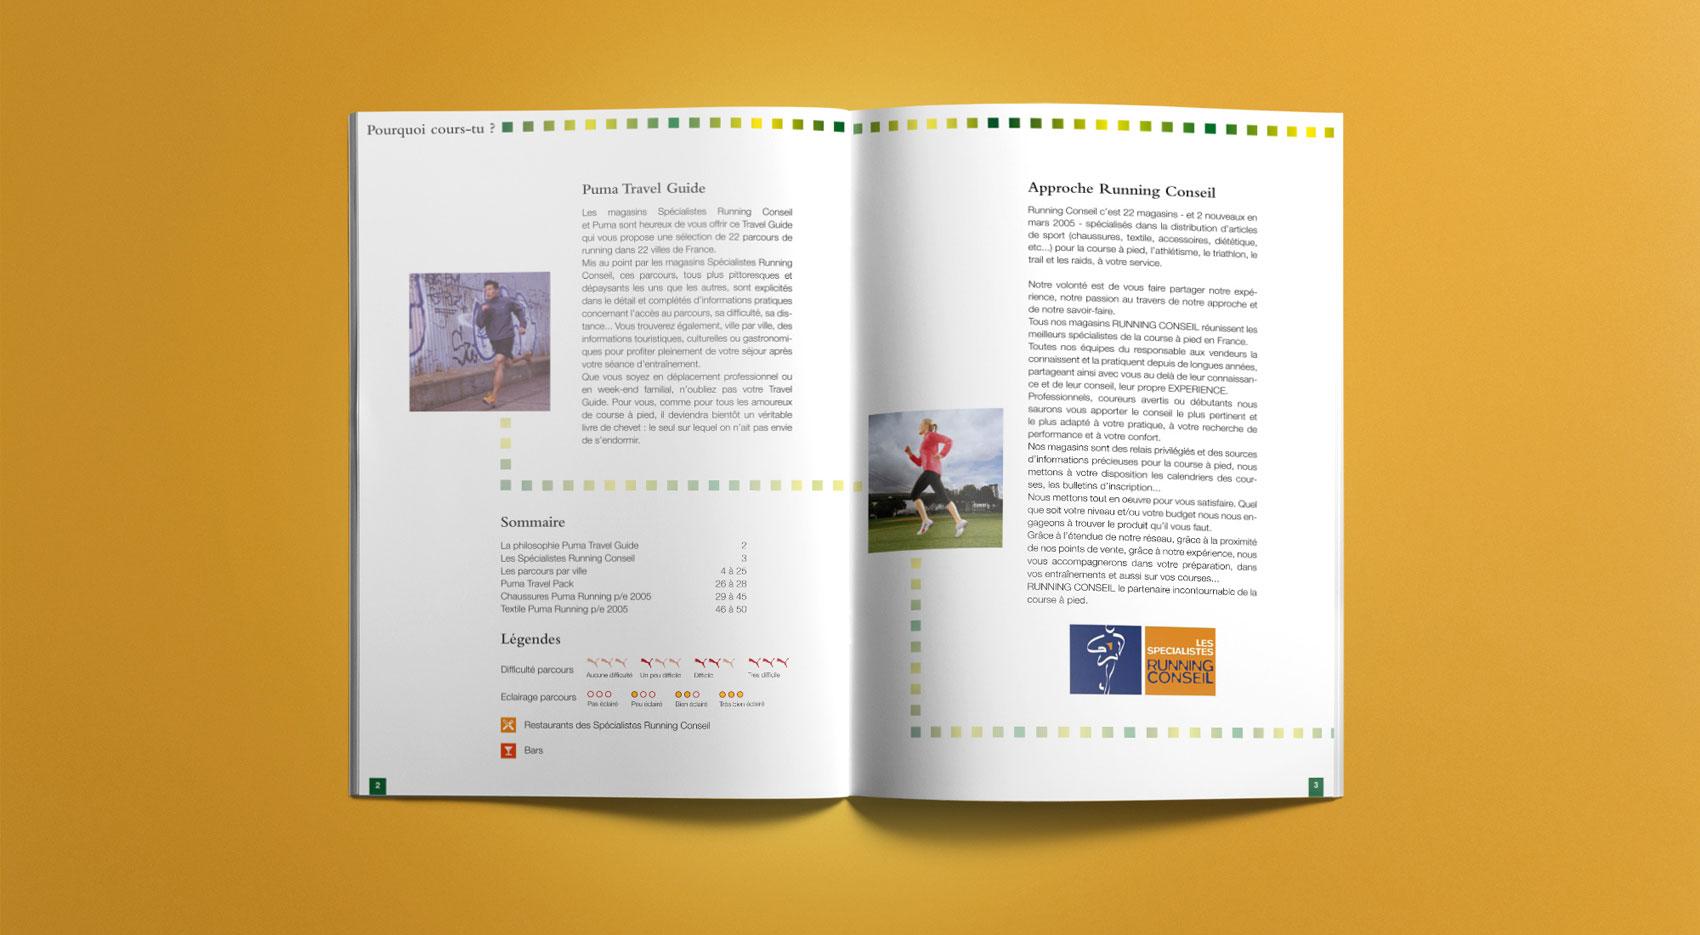 puma-travel-guide-2